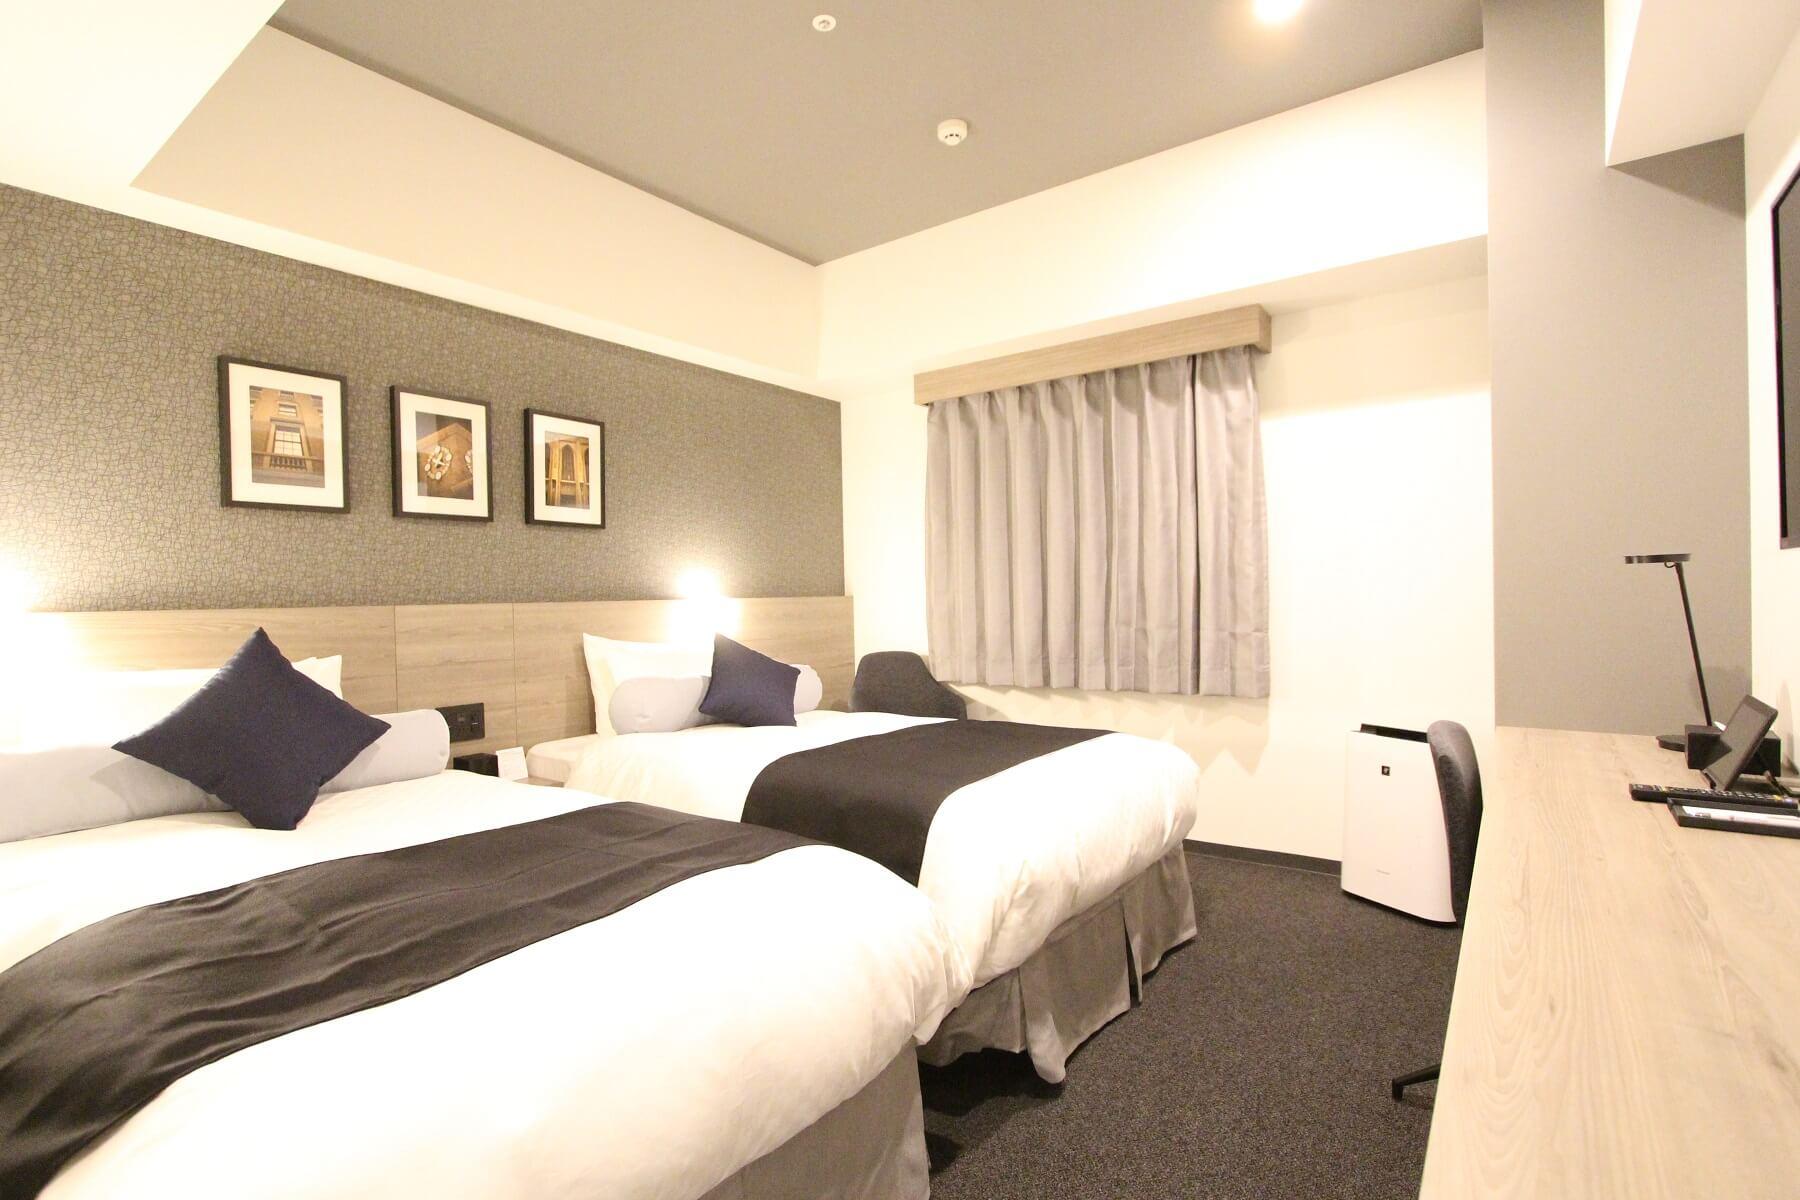 ベストウェスタンプラスホテルフィーノ大阪北浜のHPがオープン!宿泊予約の受付を開始!